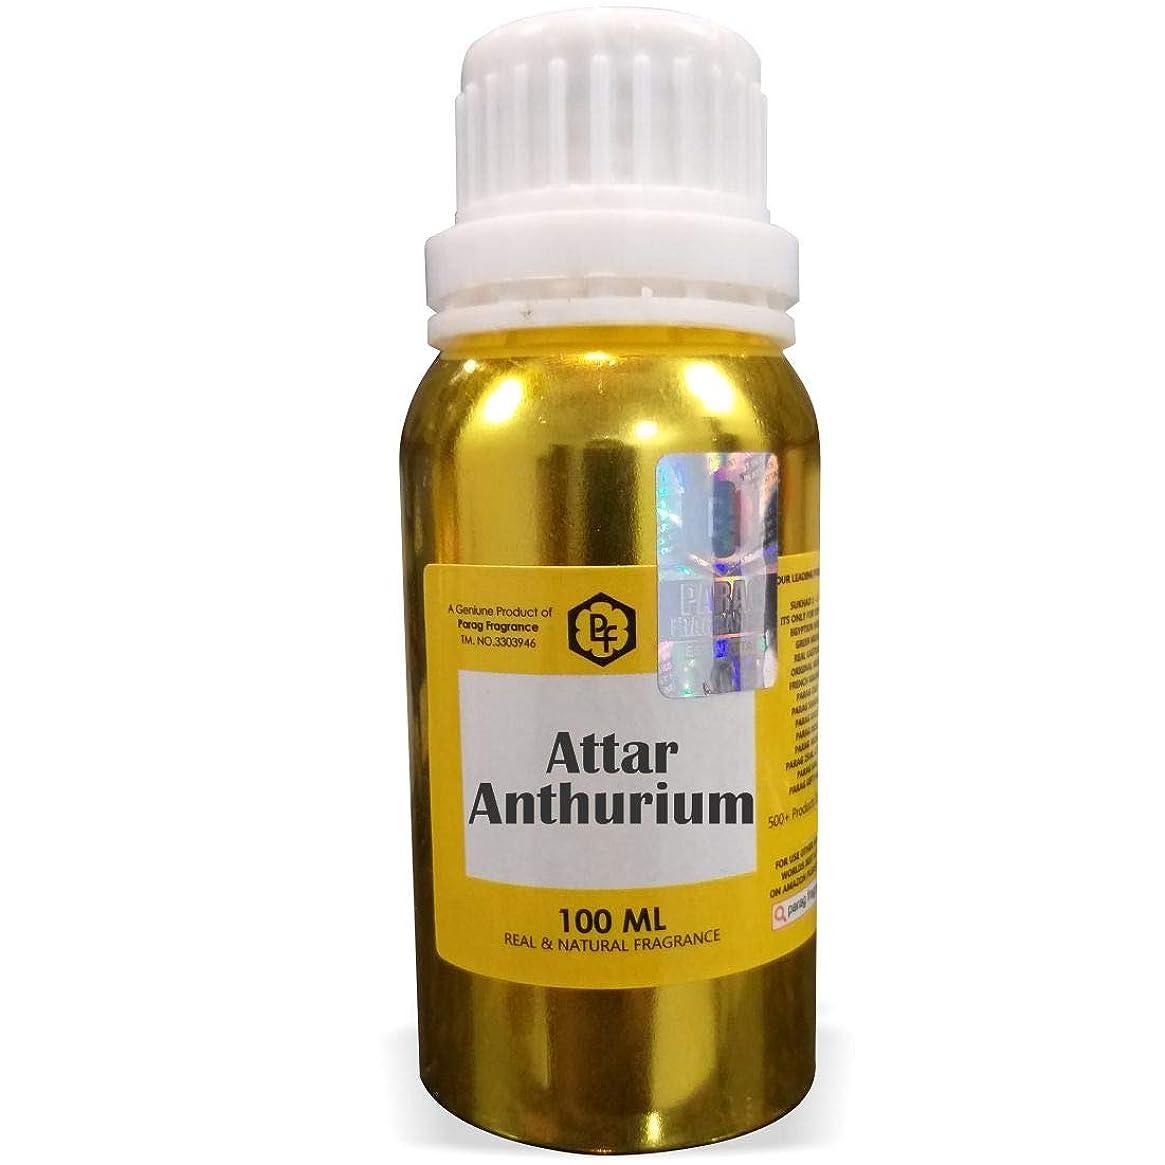 罪共産主義者不愉快にParagフレグランスアンスリウムアター100ミリリットル(男性用アルコールフリーアター)香油| 香り| ITRA